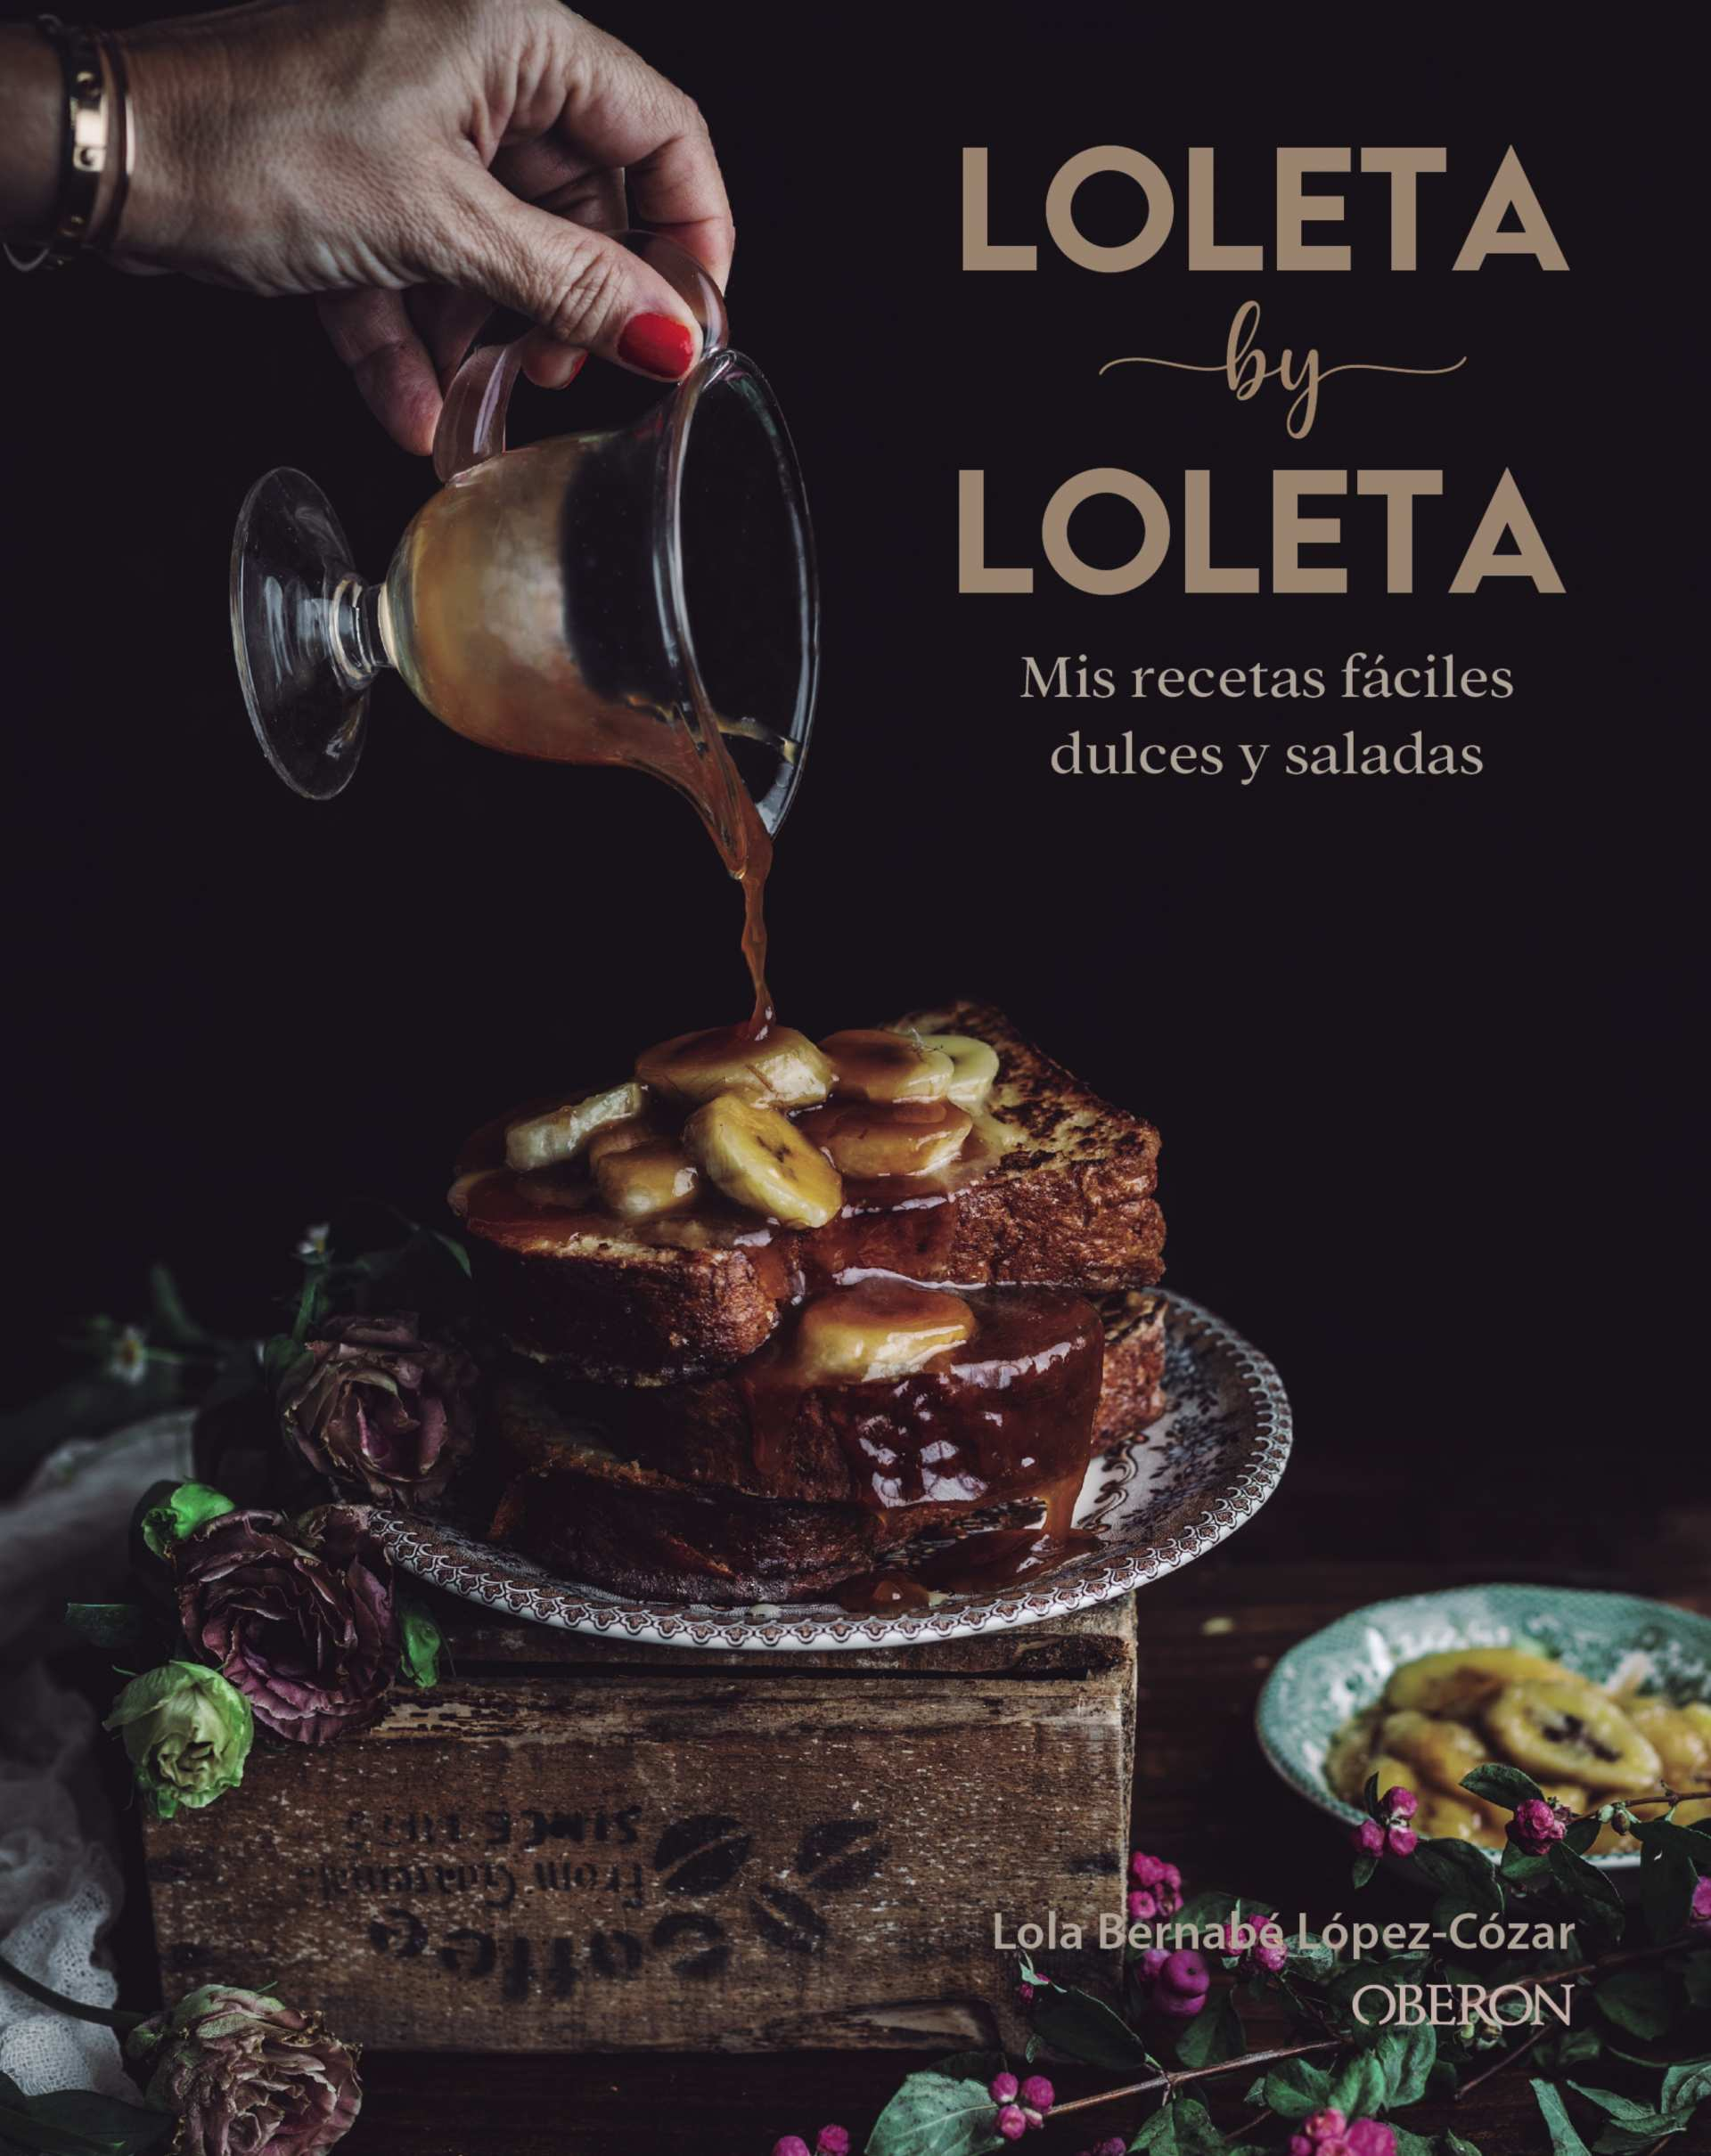 Loleta By Loleta